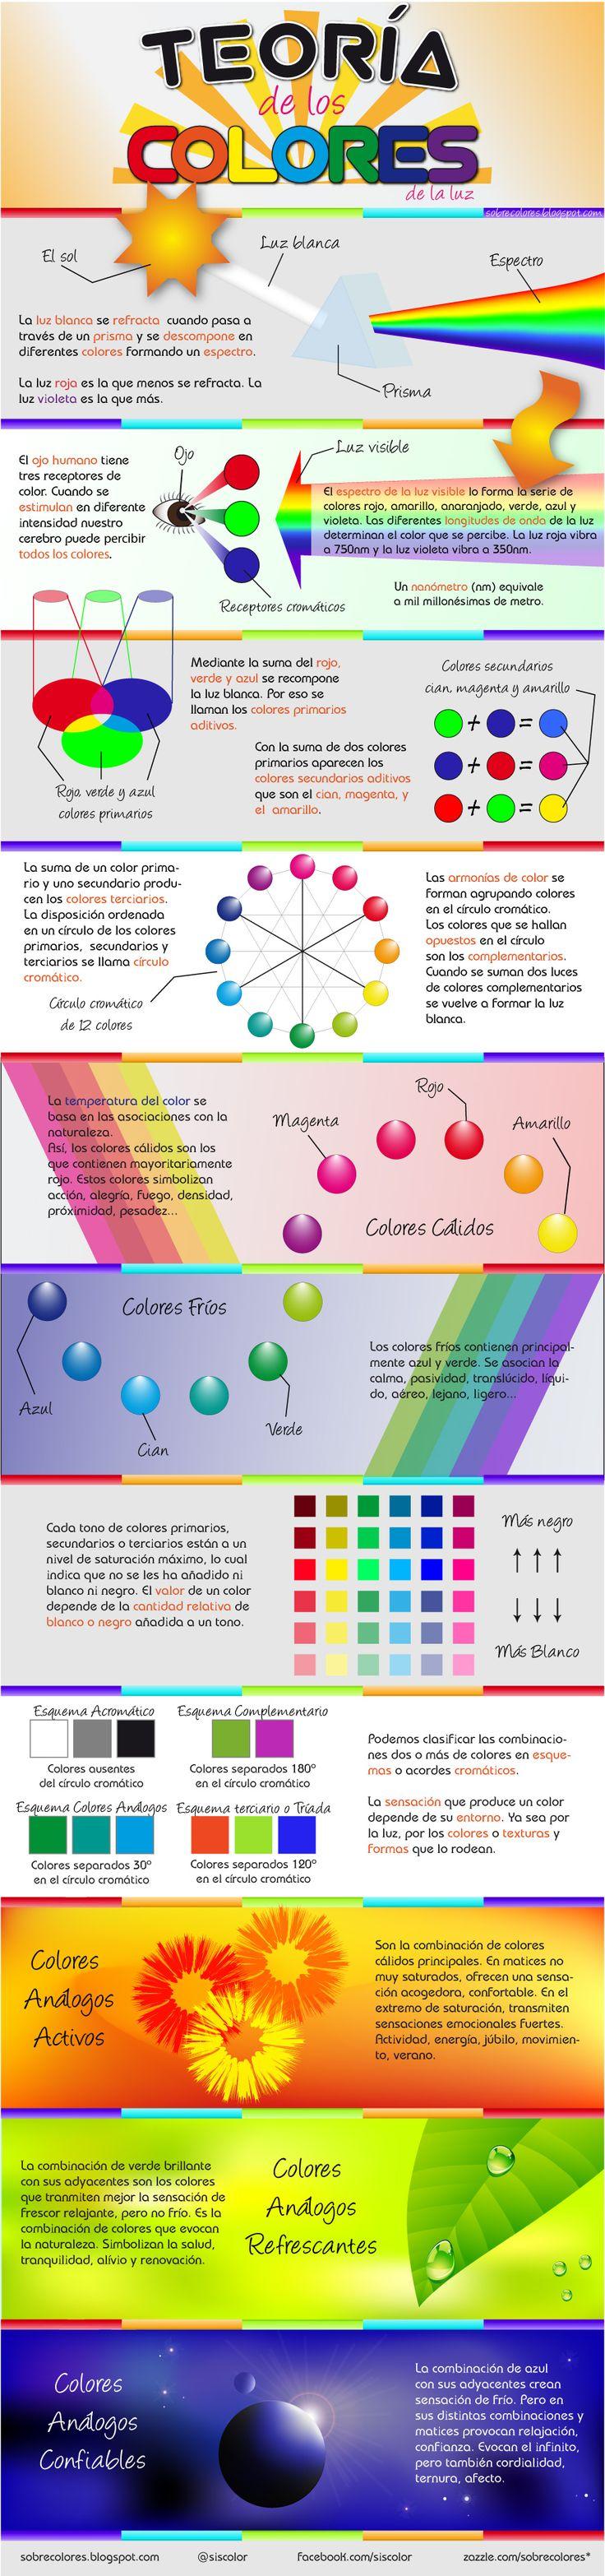 Sobre Colores: Infografía: Teoría de los colores de la luz